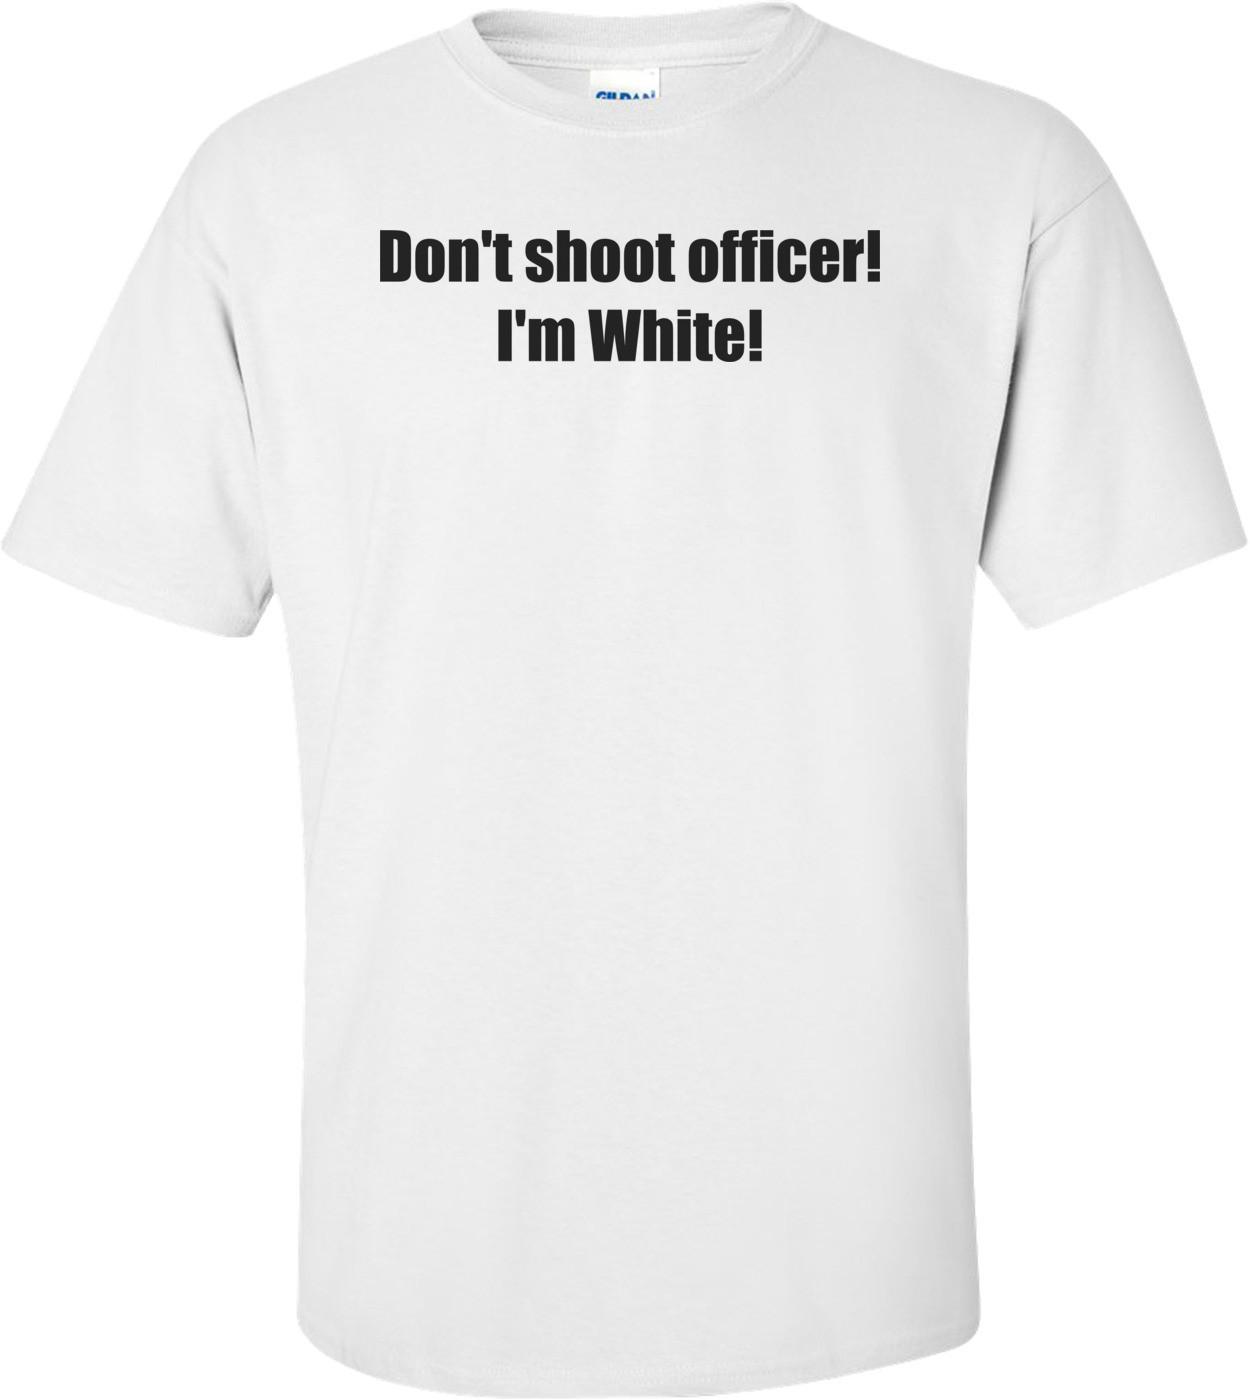 Don't shoot officer! I'm White! Shirt